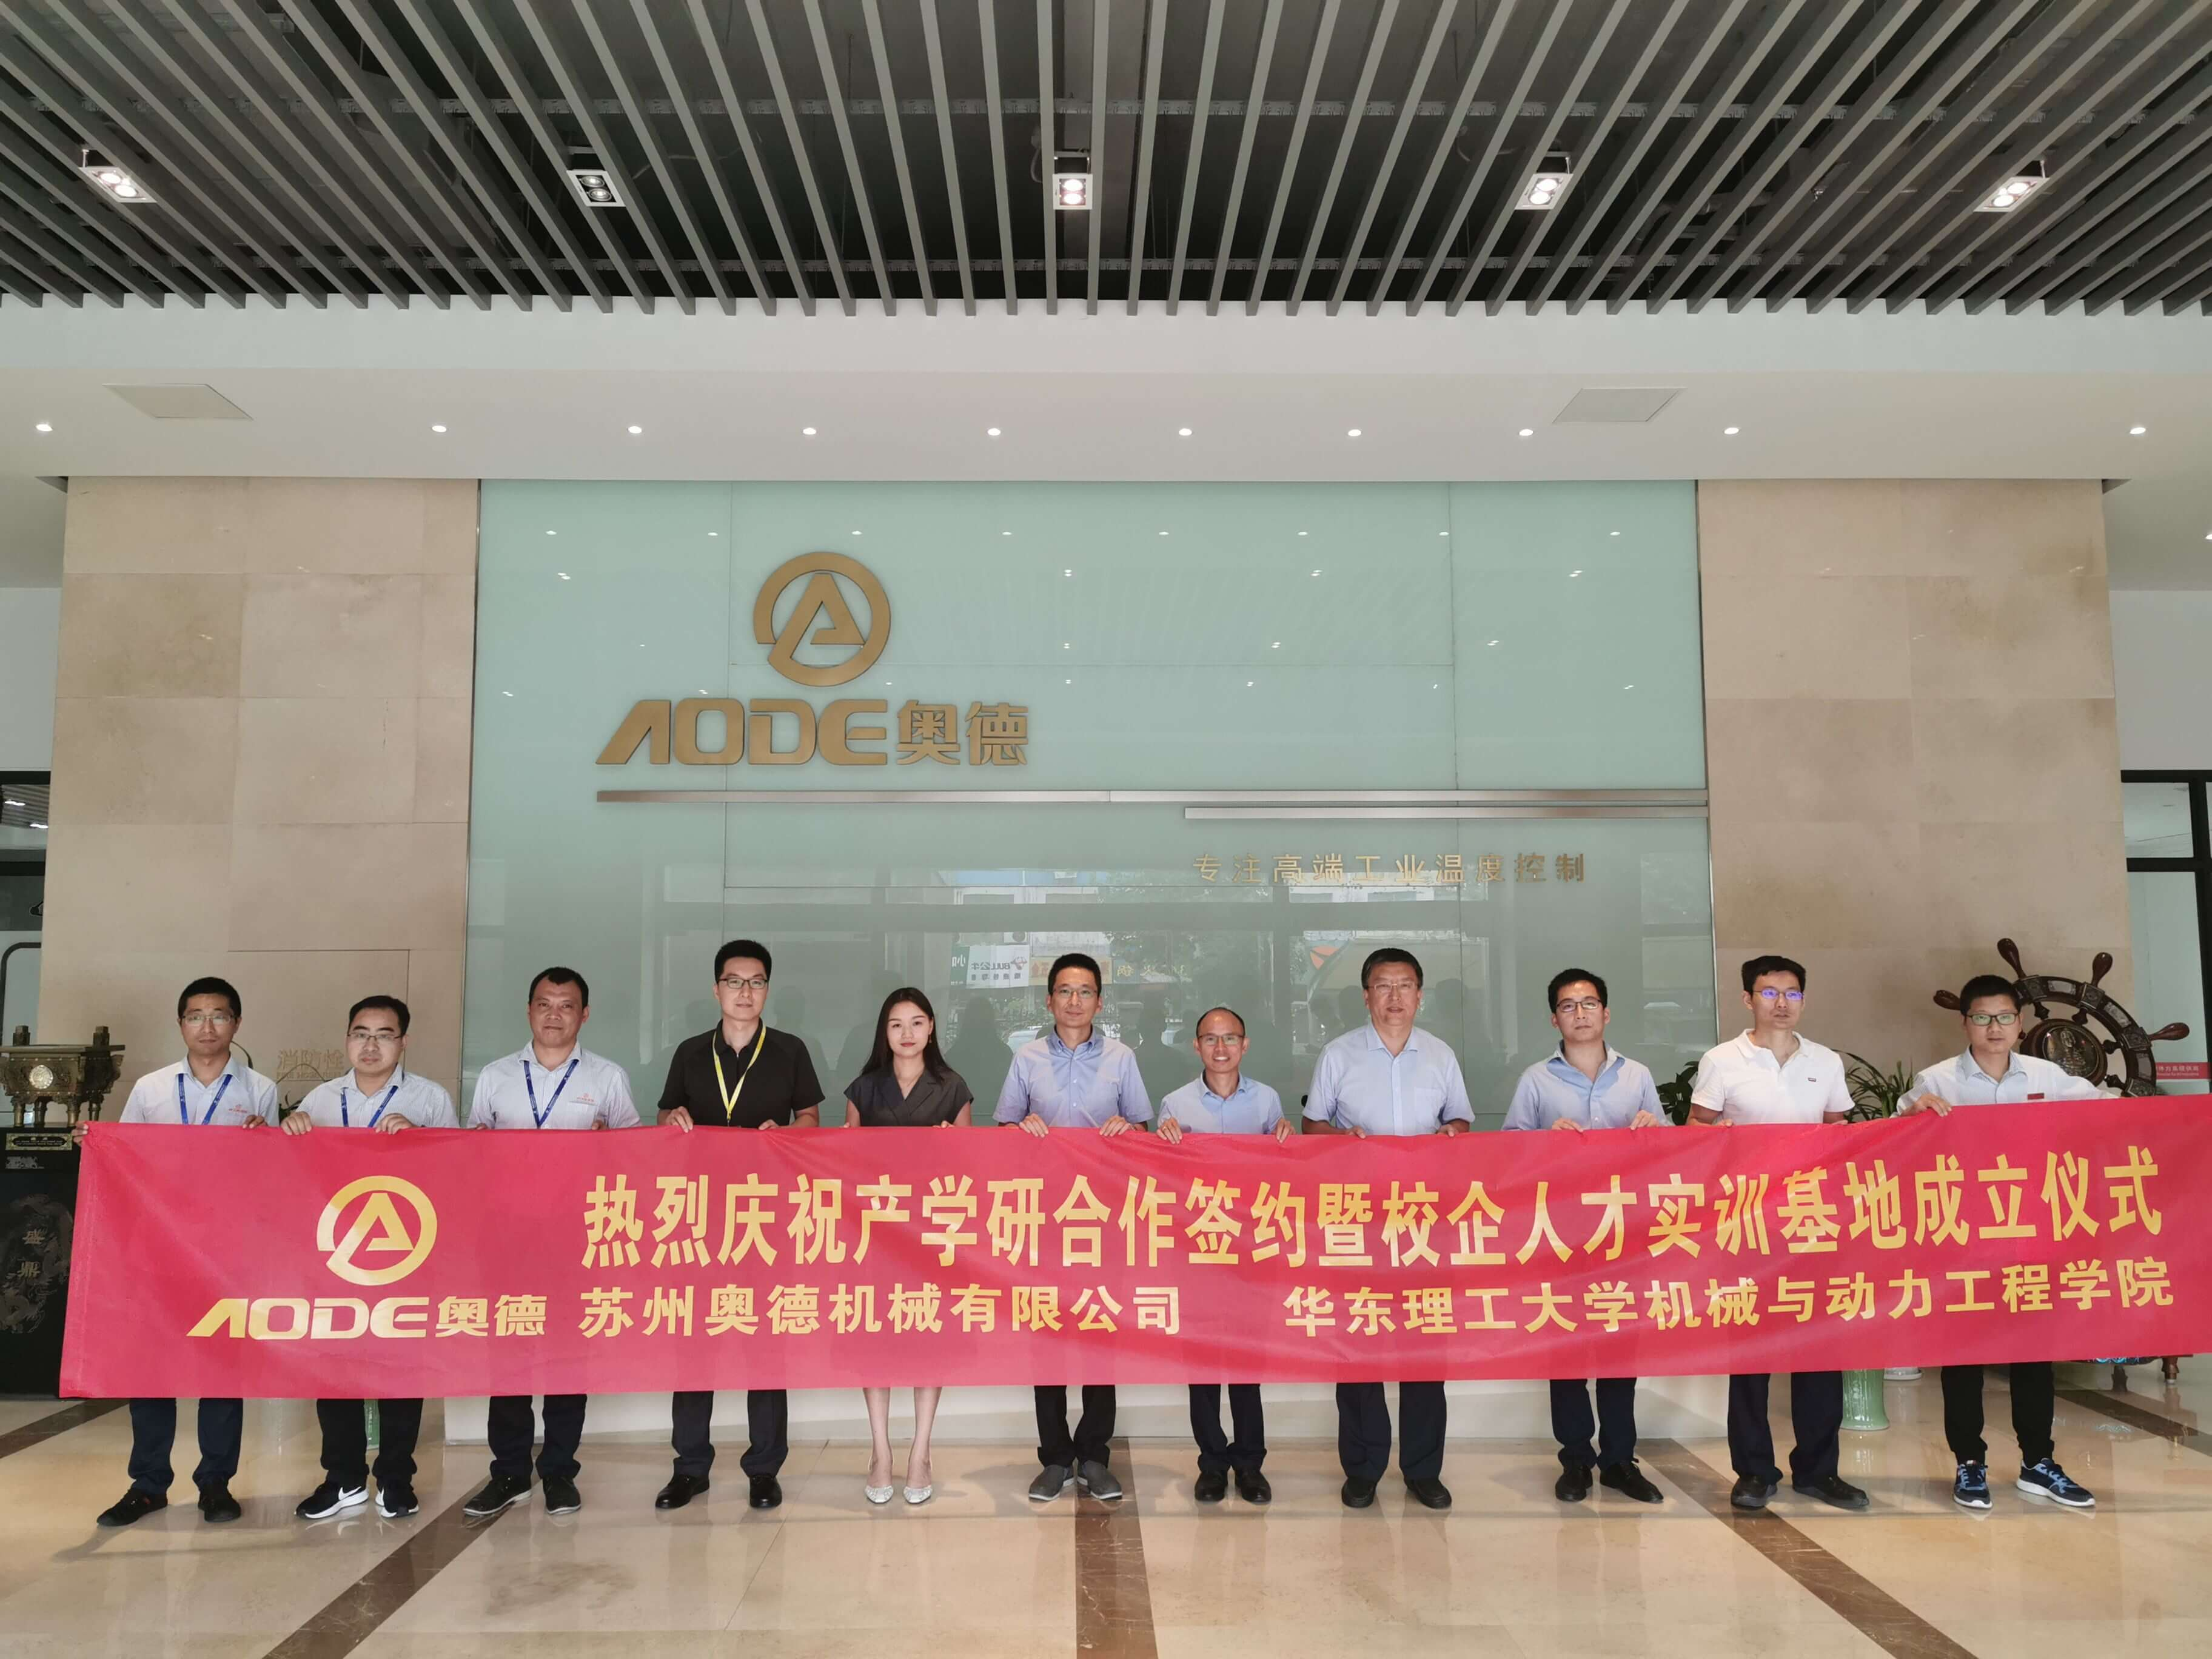 奧德機械—華東理工大學機械與動力工程學院產學研合作項目簽約儀式